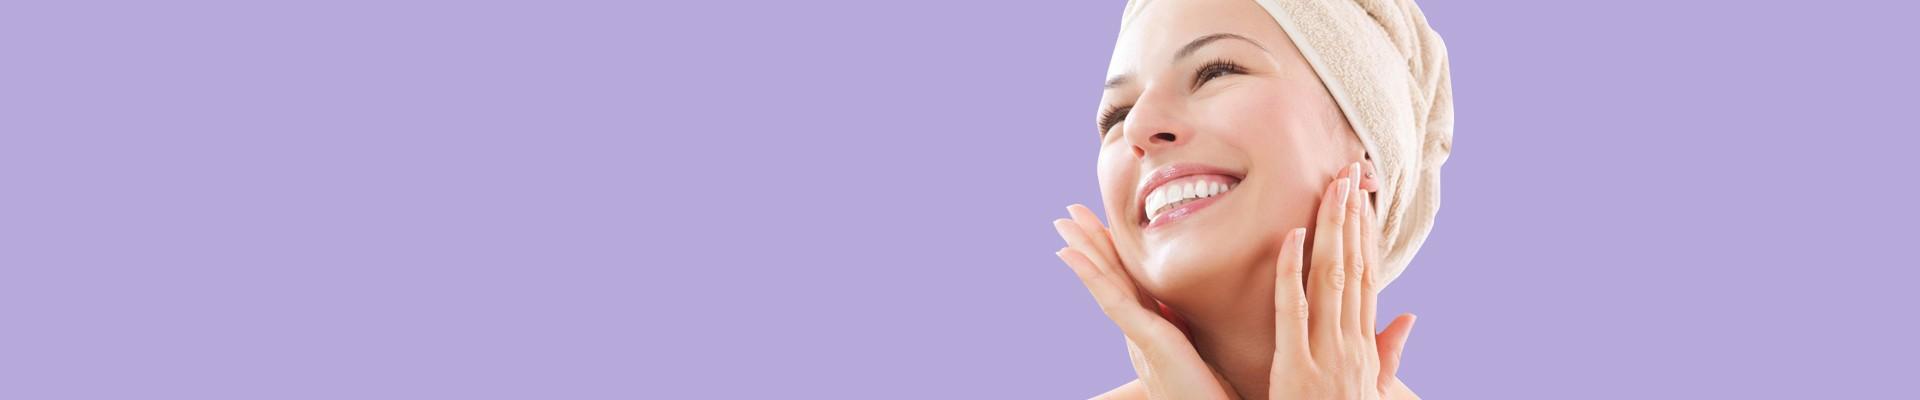 Jual Cleanser Wajah/Face Cleanser - Harga Terbaik